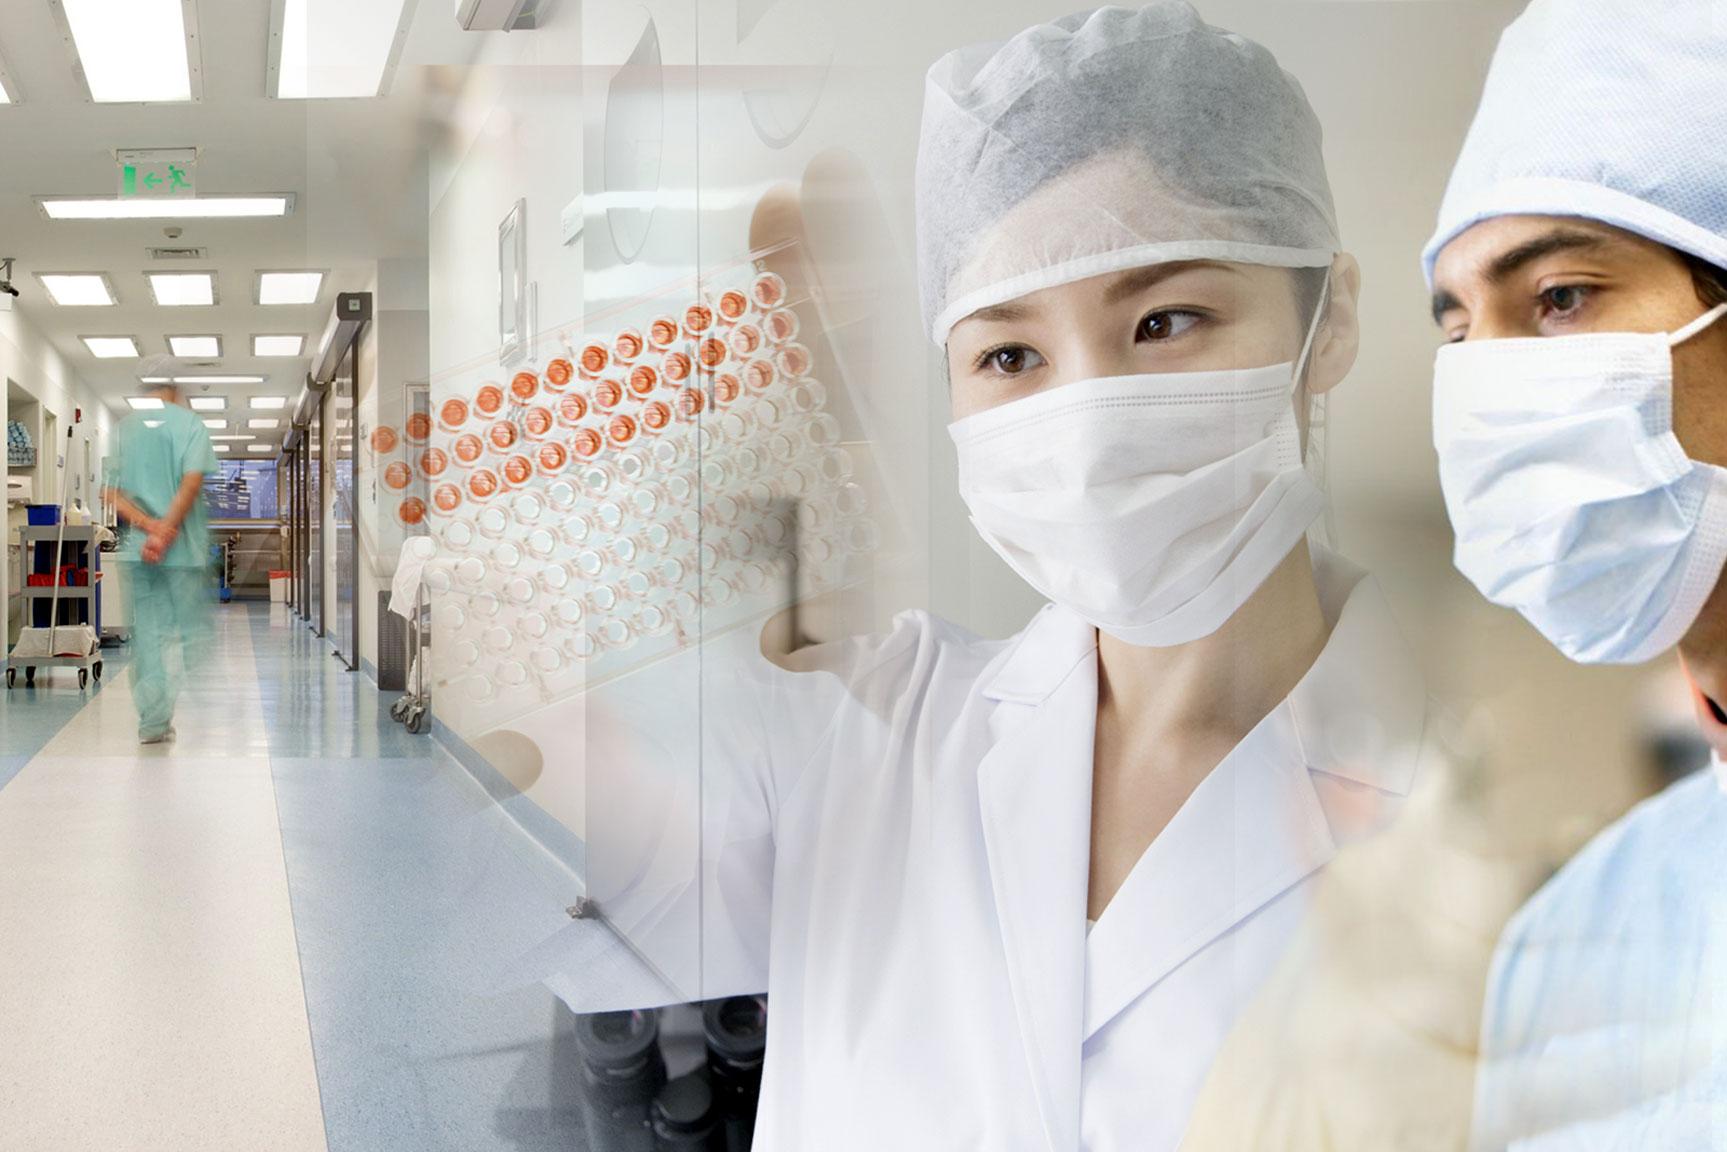 疫情防控信息化整体解决方案|阻击新冠,破解医院、卫健委疫情防控之需